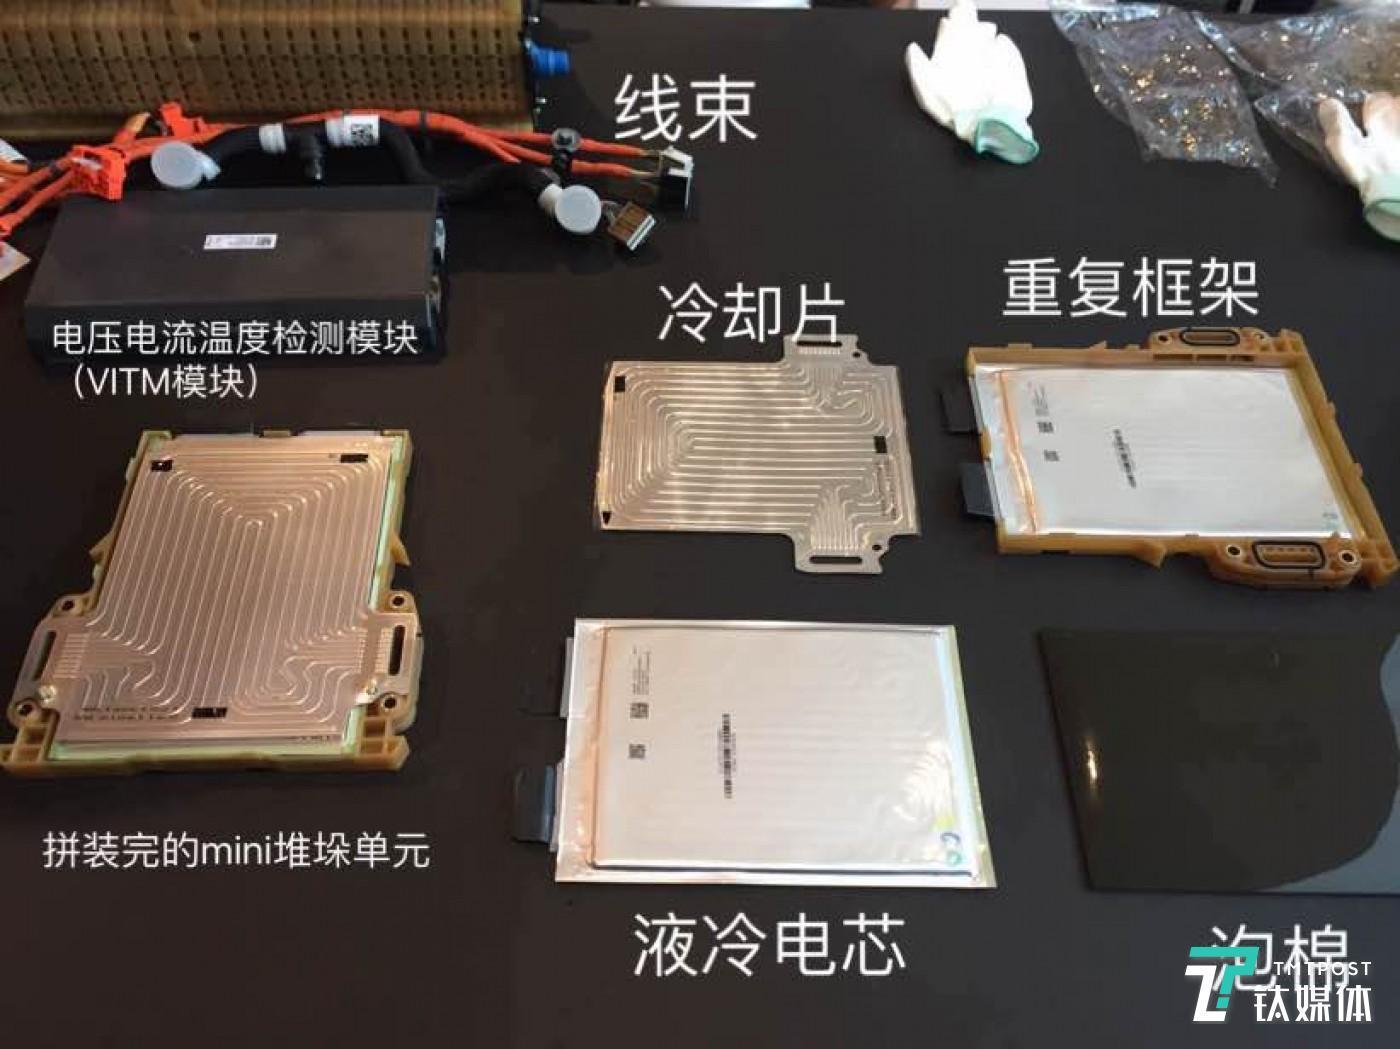 由右边液冷电芯、隔热泡膜及冷却片堆叠进重复框架即构成了左边一个mini堆垛单元,其安装顺序是先放入一个电芯,再放入隔热泡棉